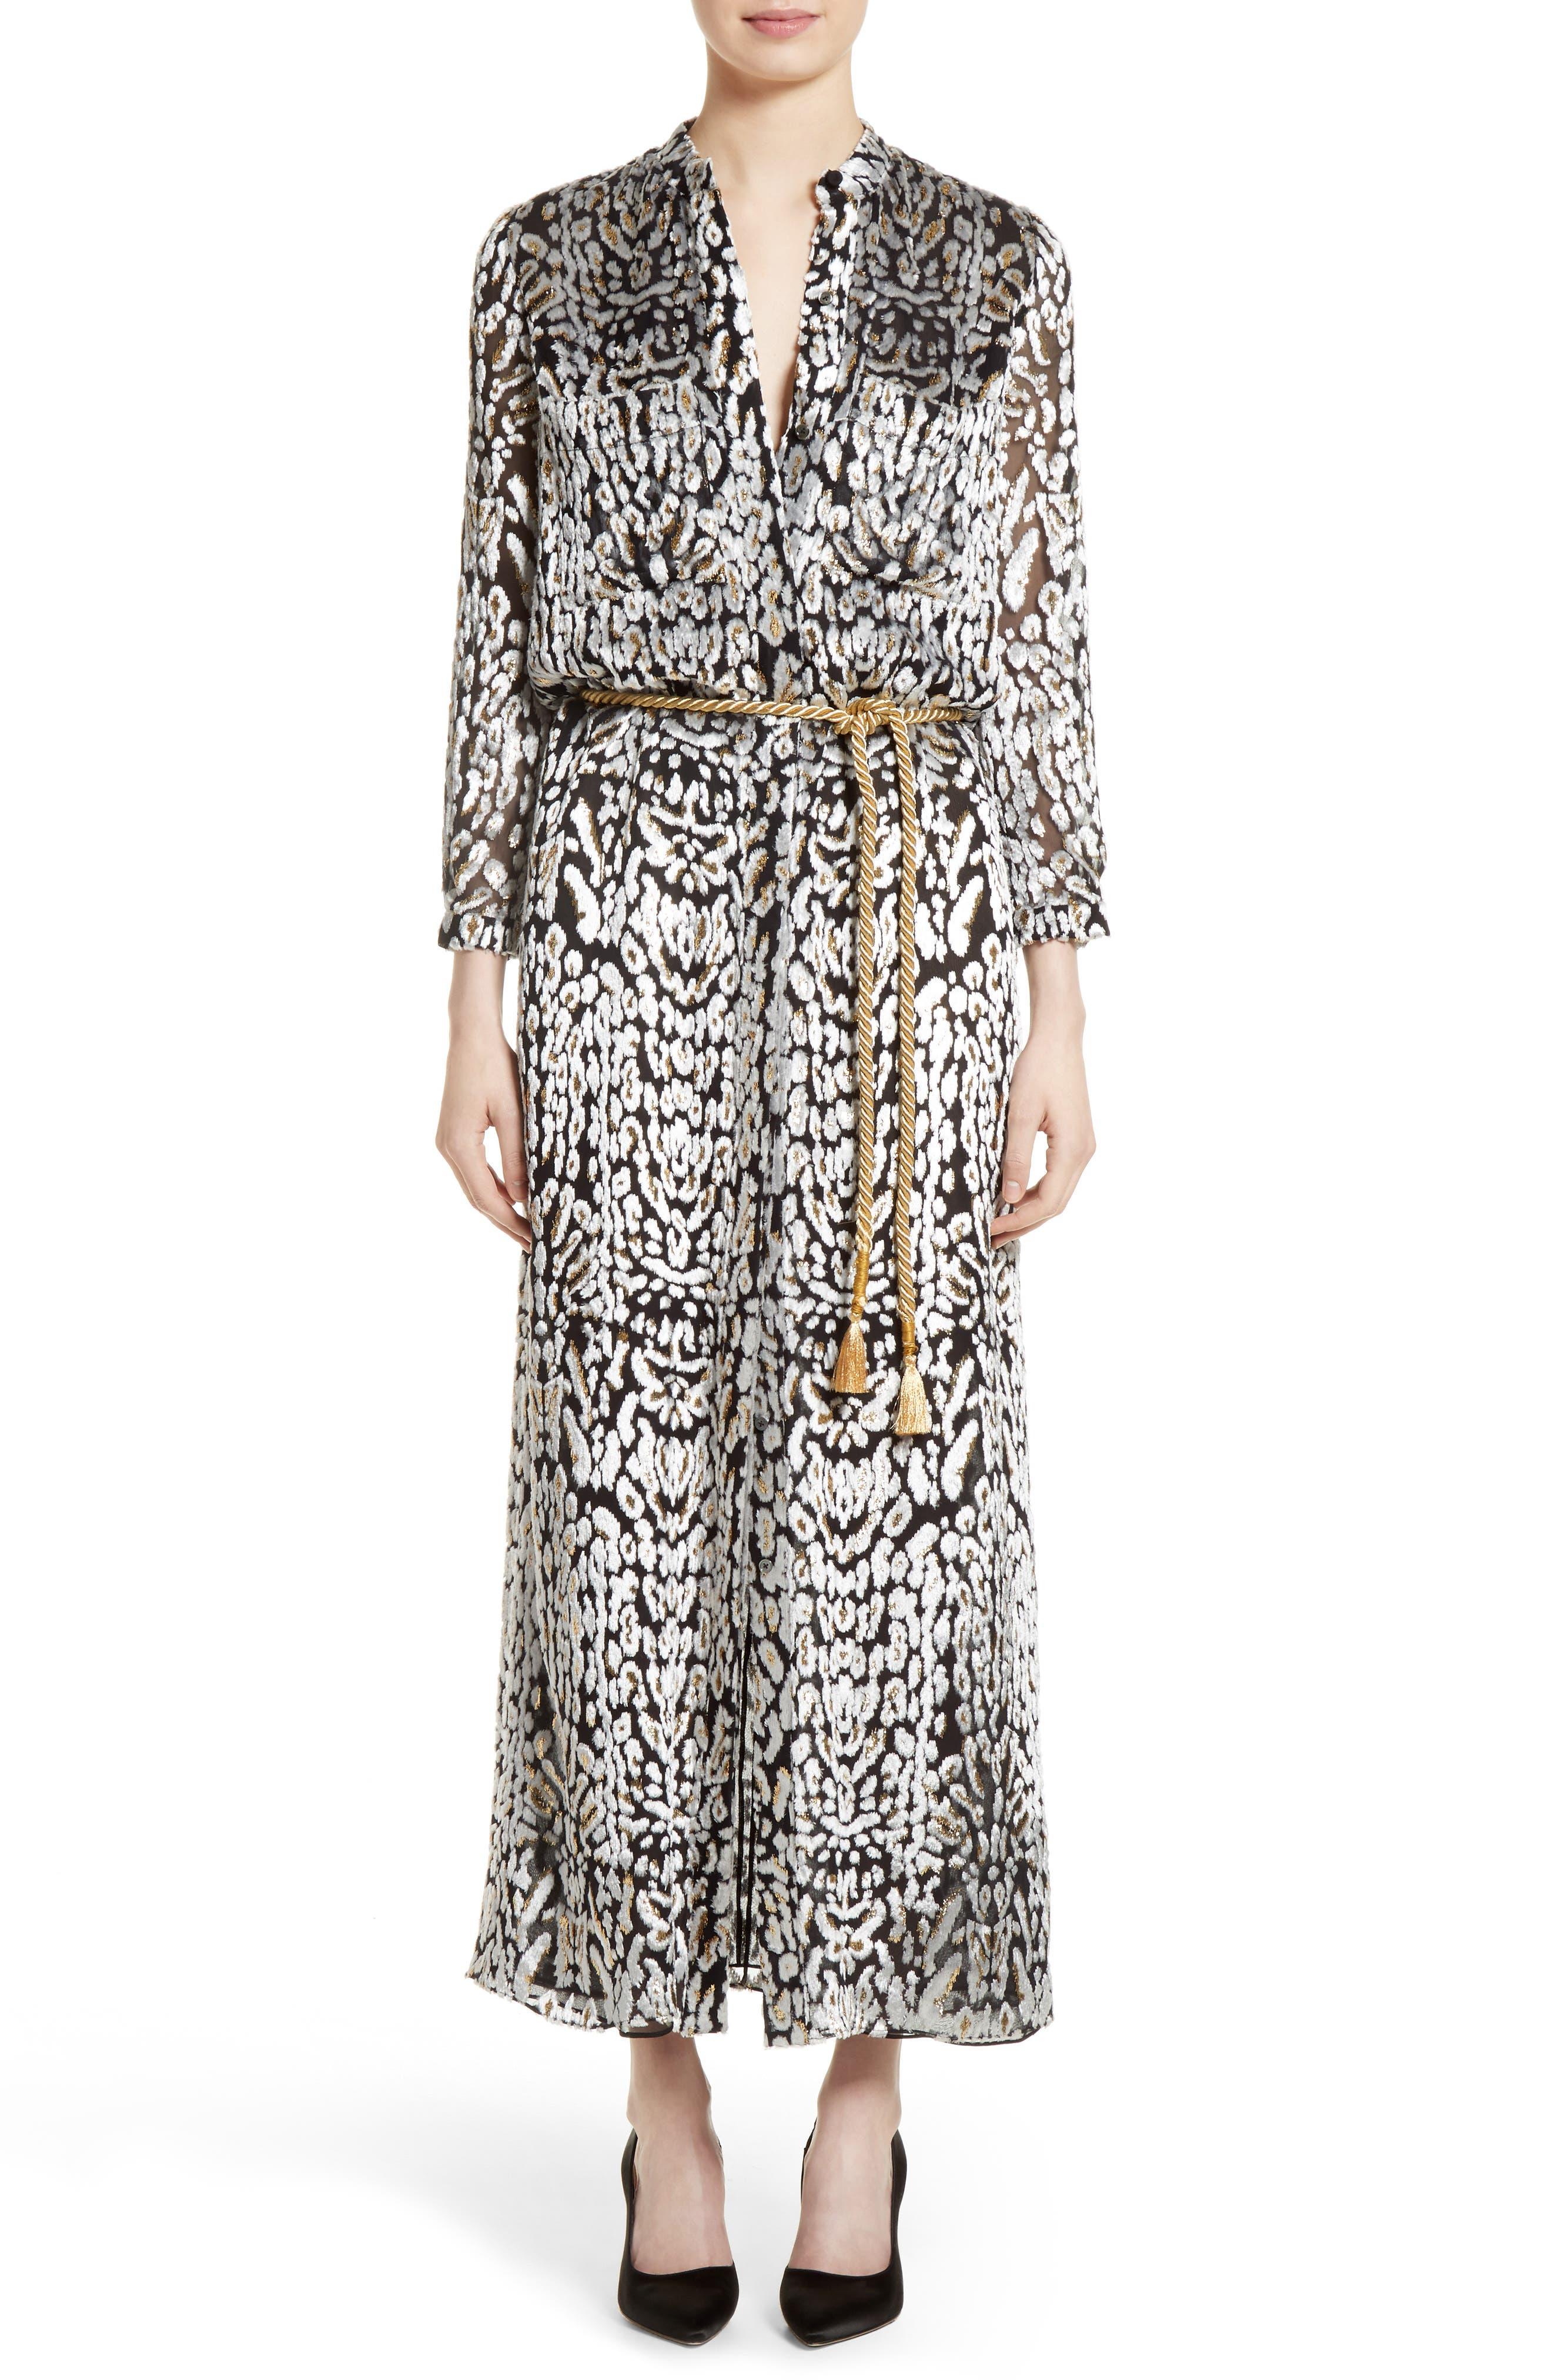 Adam Lippes Ocelot Print Velvet Jacquard Dress